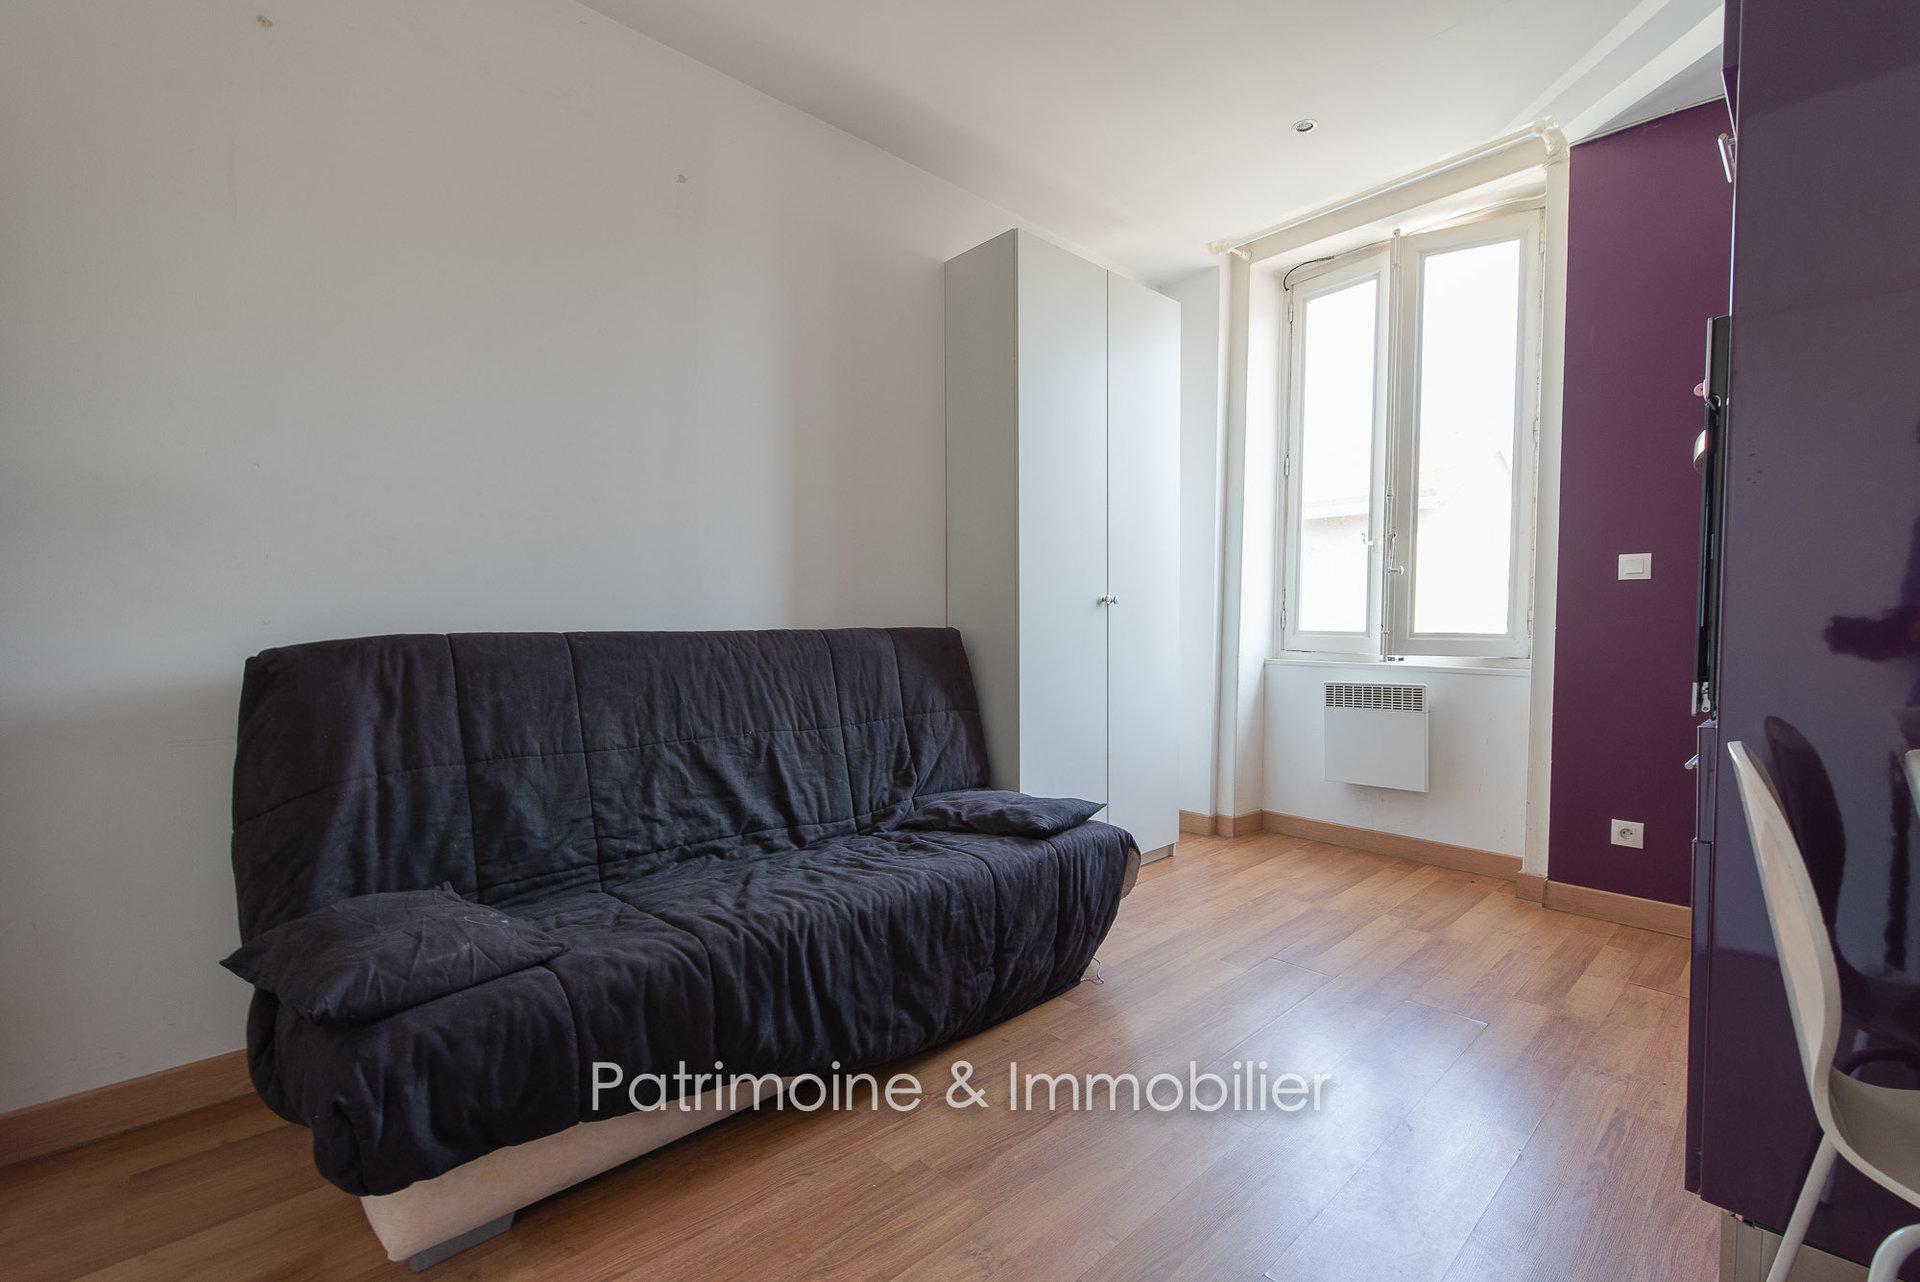 LYON 3 - Grange Blanche - Studio 15.05 m2 - 125 000€